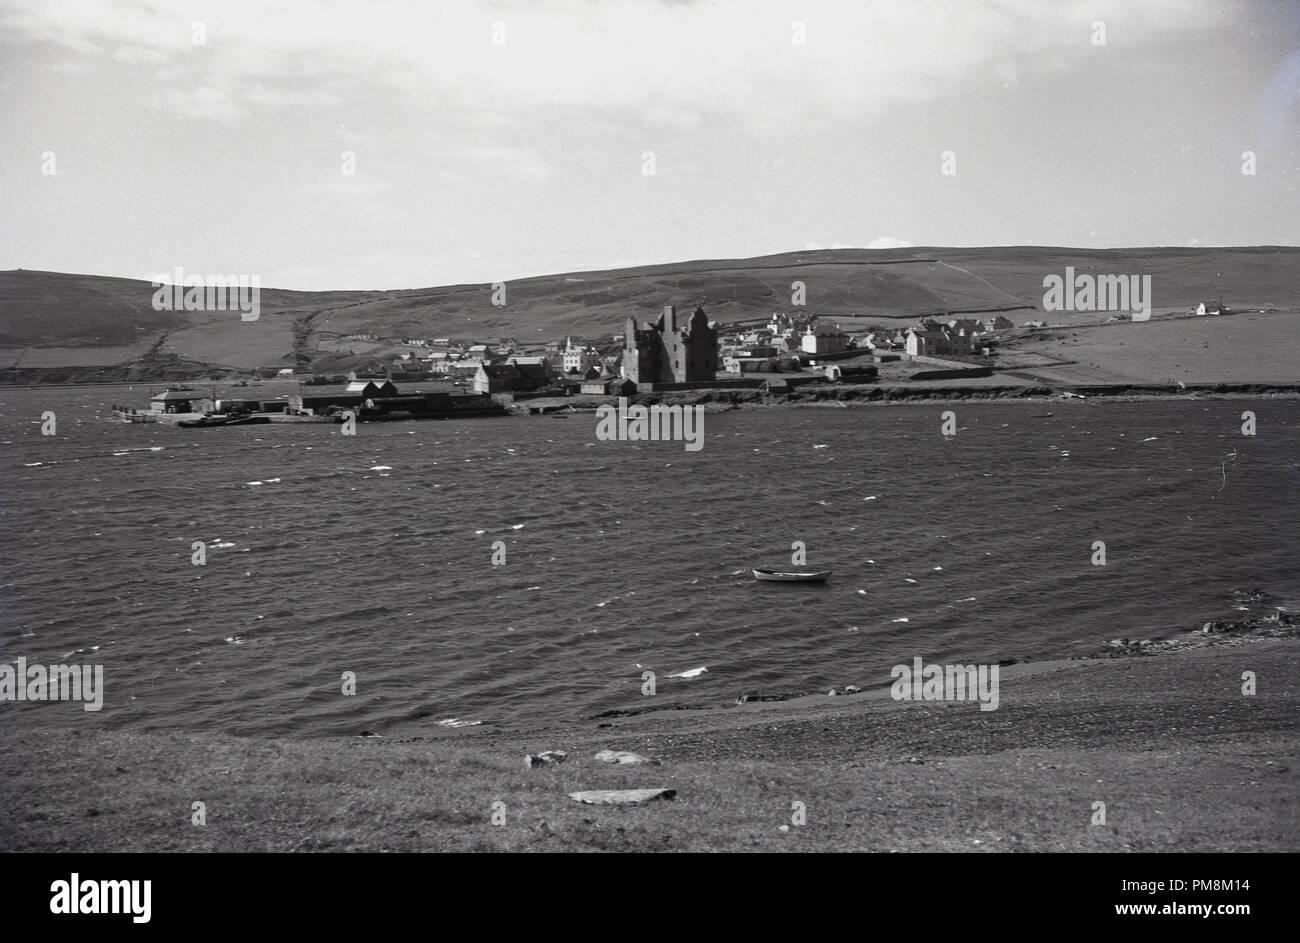 Degli anni Cinquanta, storico, un piccolo insediamento di un esuary sulle isole Orcadi isole al largo della costa nord della Scozia. Queste sterili, isole dimenzogne sono notevoli per la mancanza di alberi e le forti correnti di marea in firths. Immagini Stock